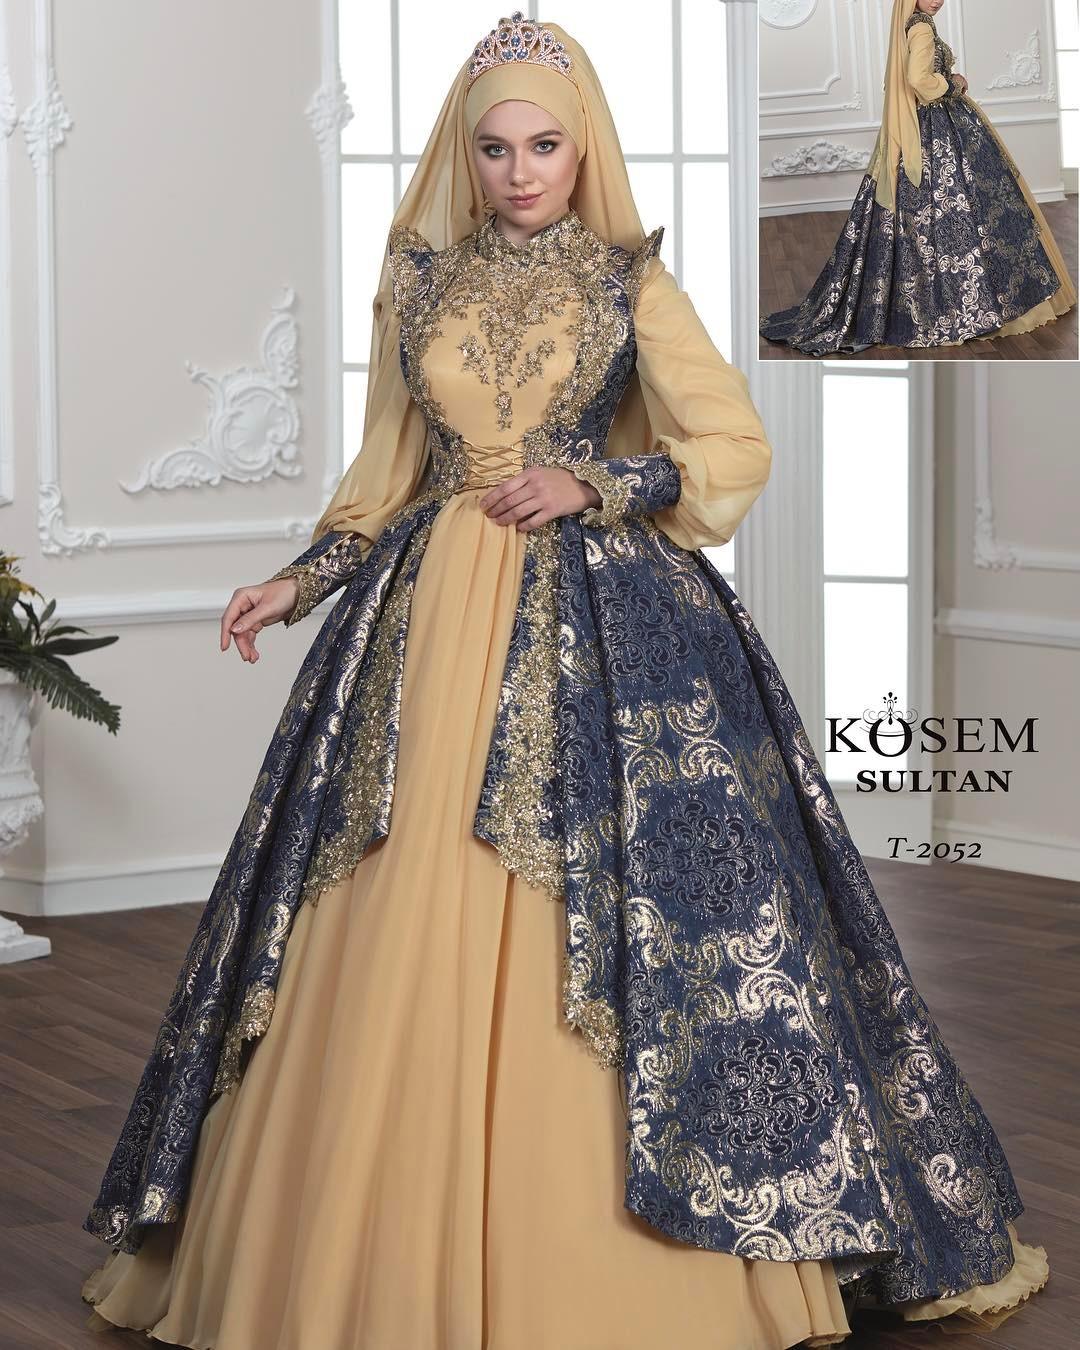 2018 Bindallı Modelleri 1 - 2018 Bindallı Kına Elbisesi Modelleri